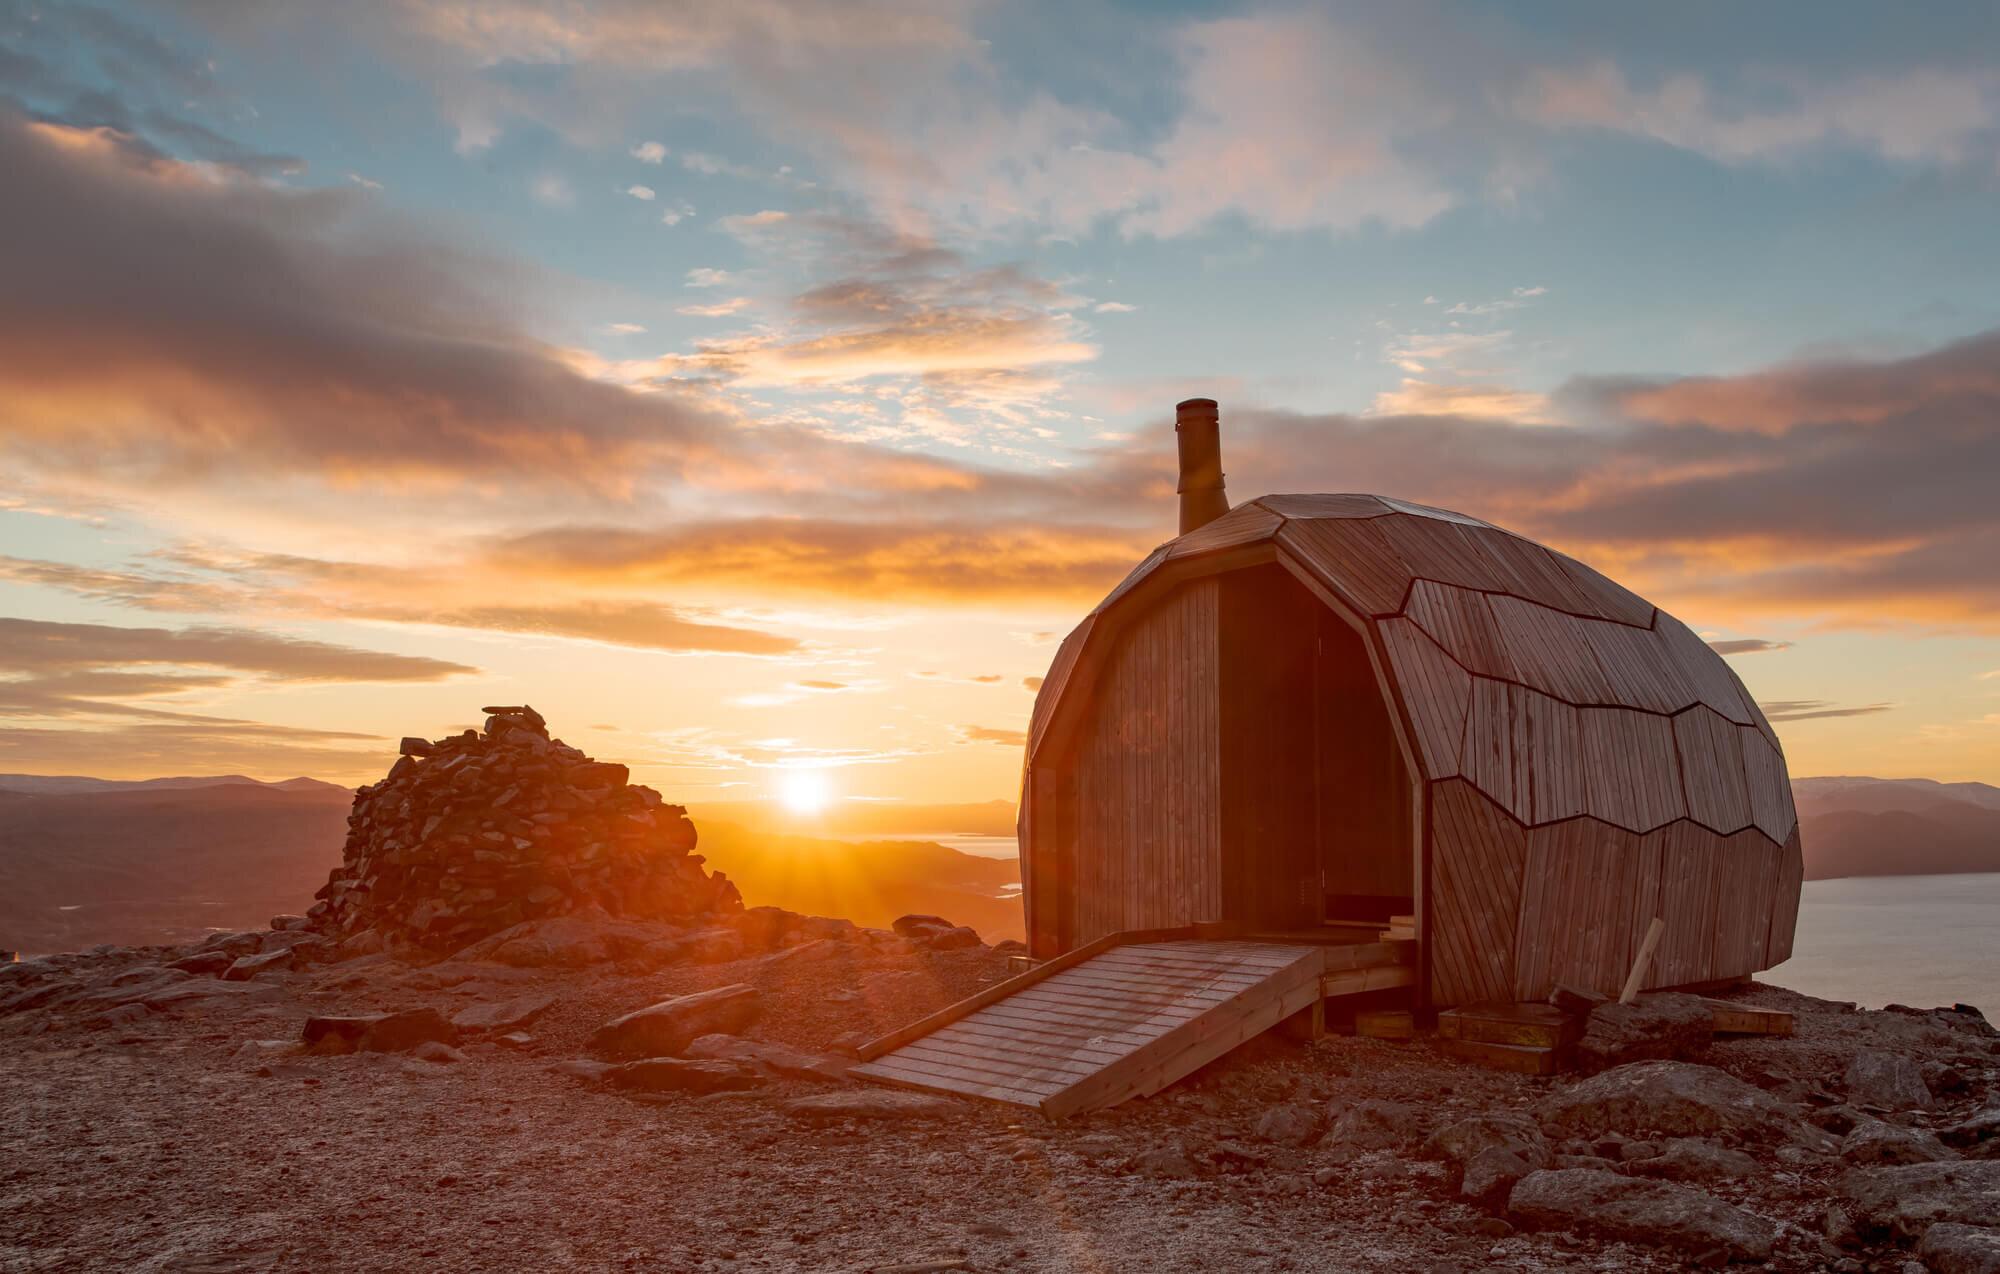 Hammerfest-Hiking-Cabins-SPINN-Arkitekter-Norway-23